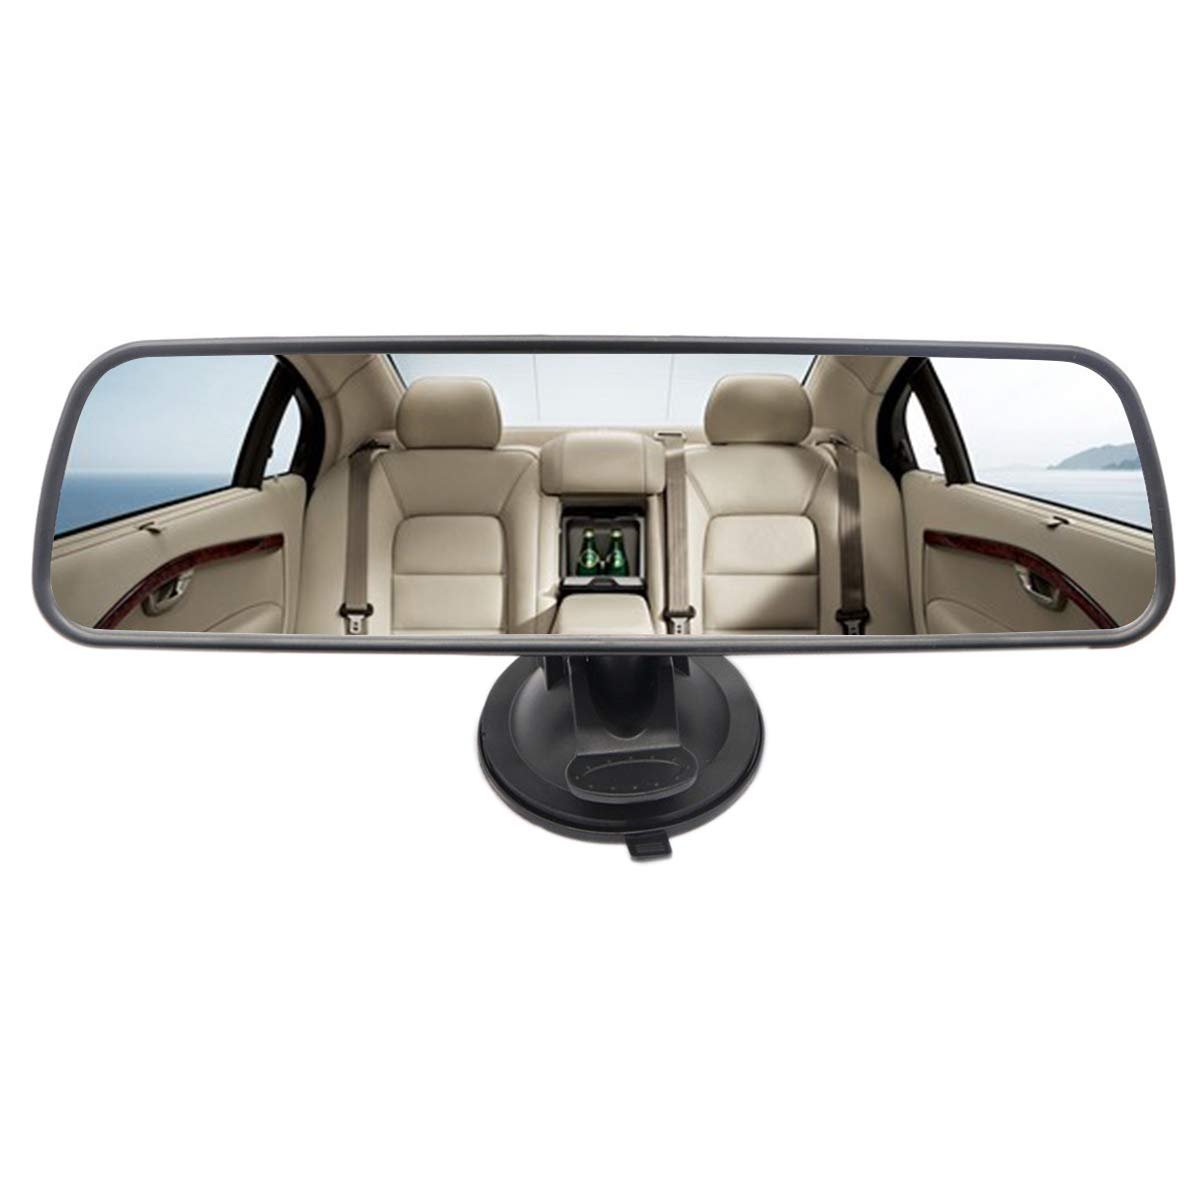 grandangolo universale auto camion specchietto retrovisore interno ventosa specchietto retrovisore Heart Horse Cuore cavallo specchietto retrovisore Clear Plain Mirror Delux version